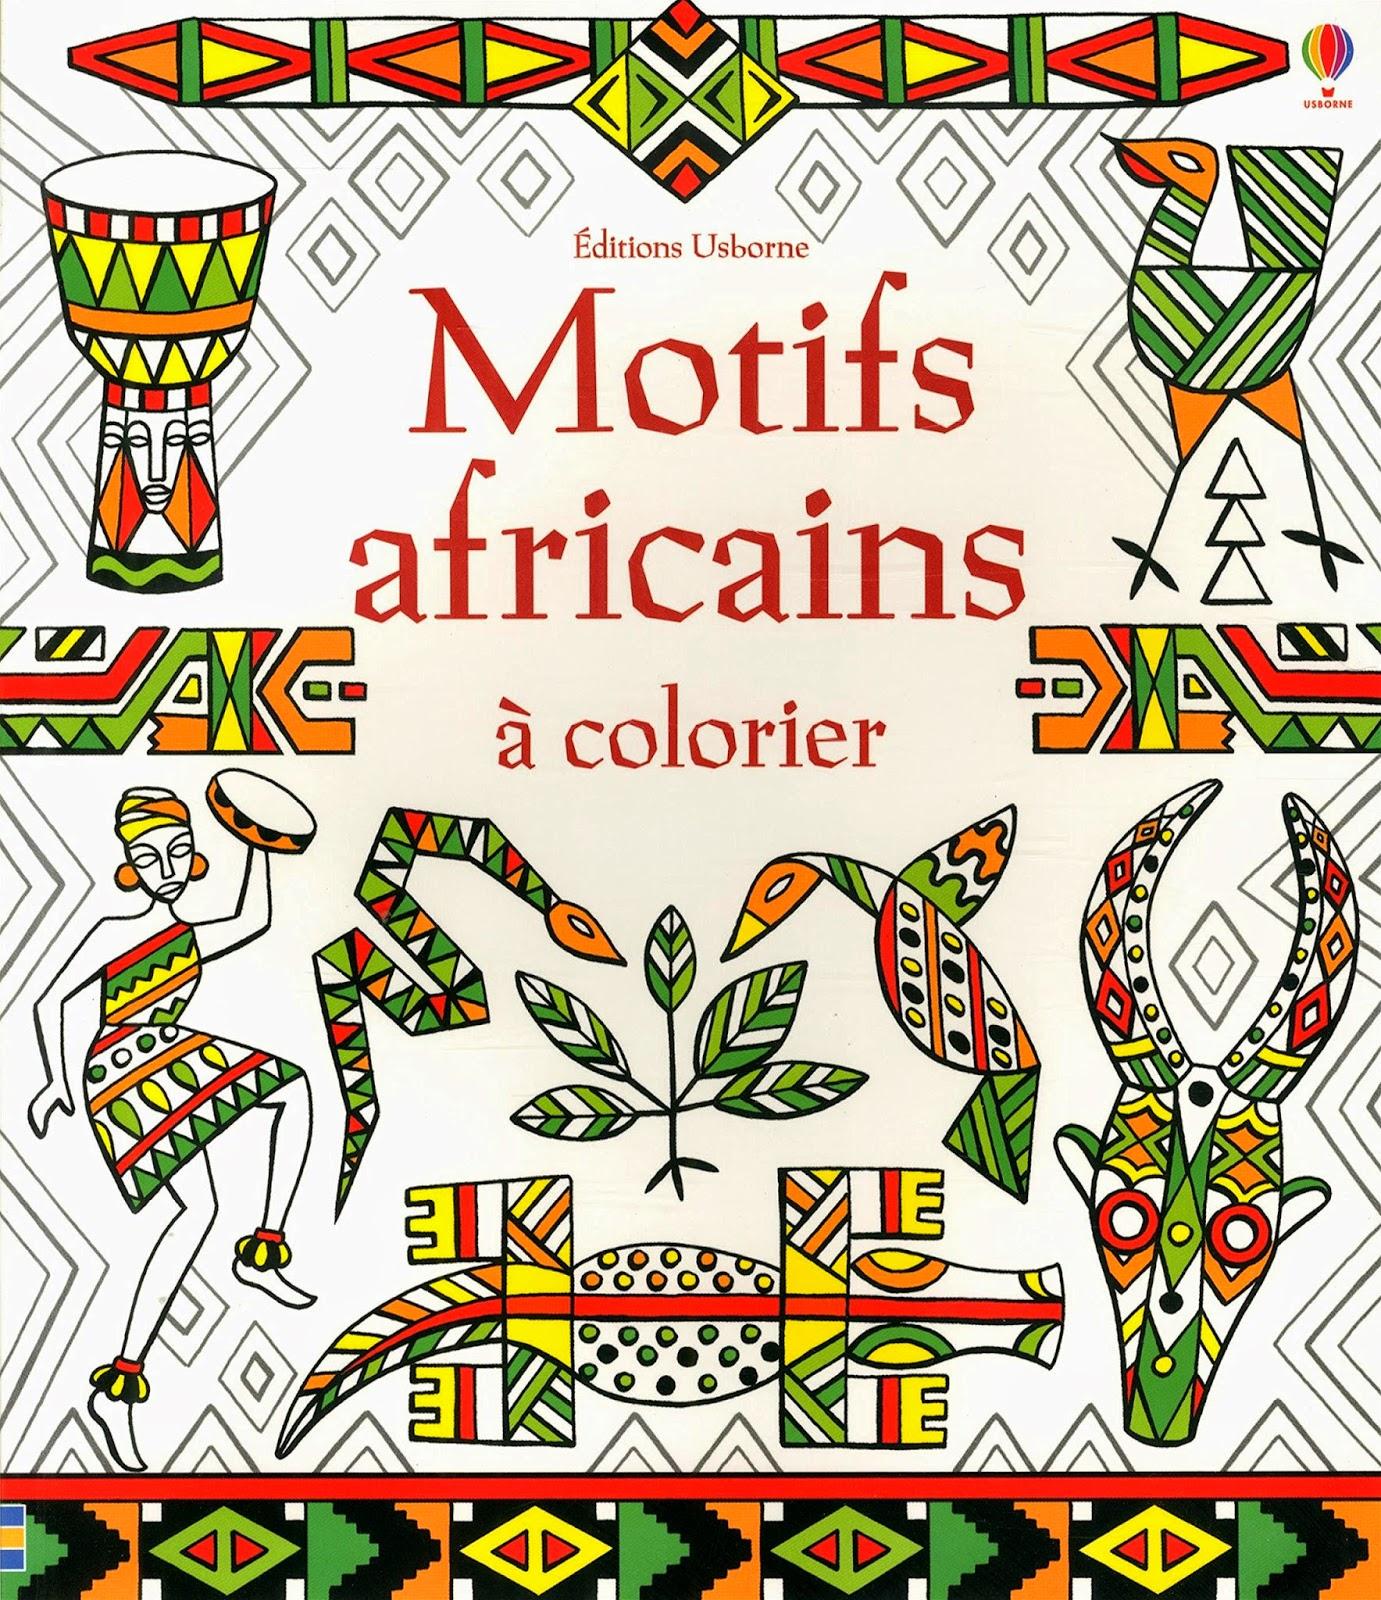 Dessin africain a colorier - Coloriage afrique a imprimer ...